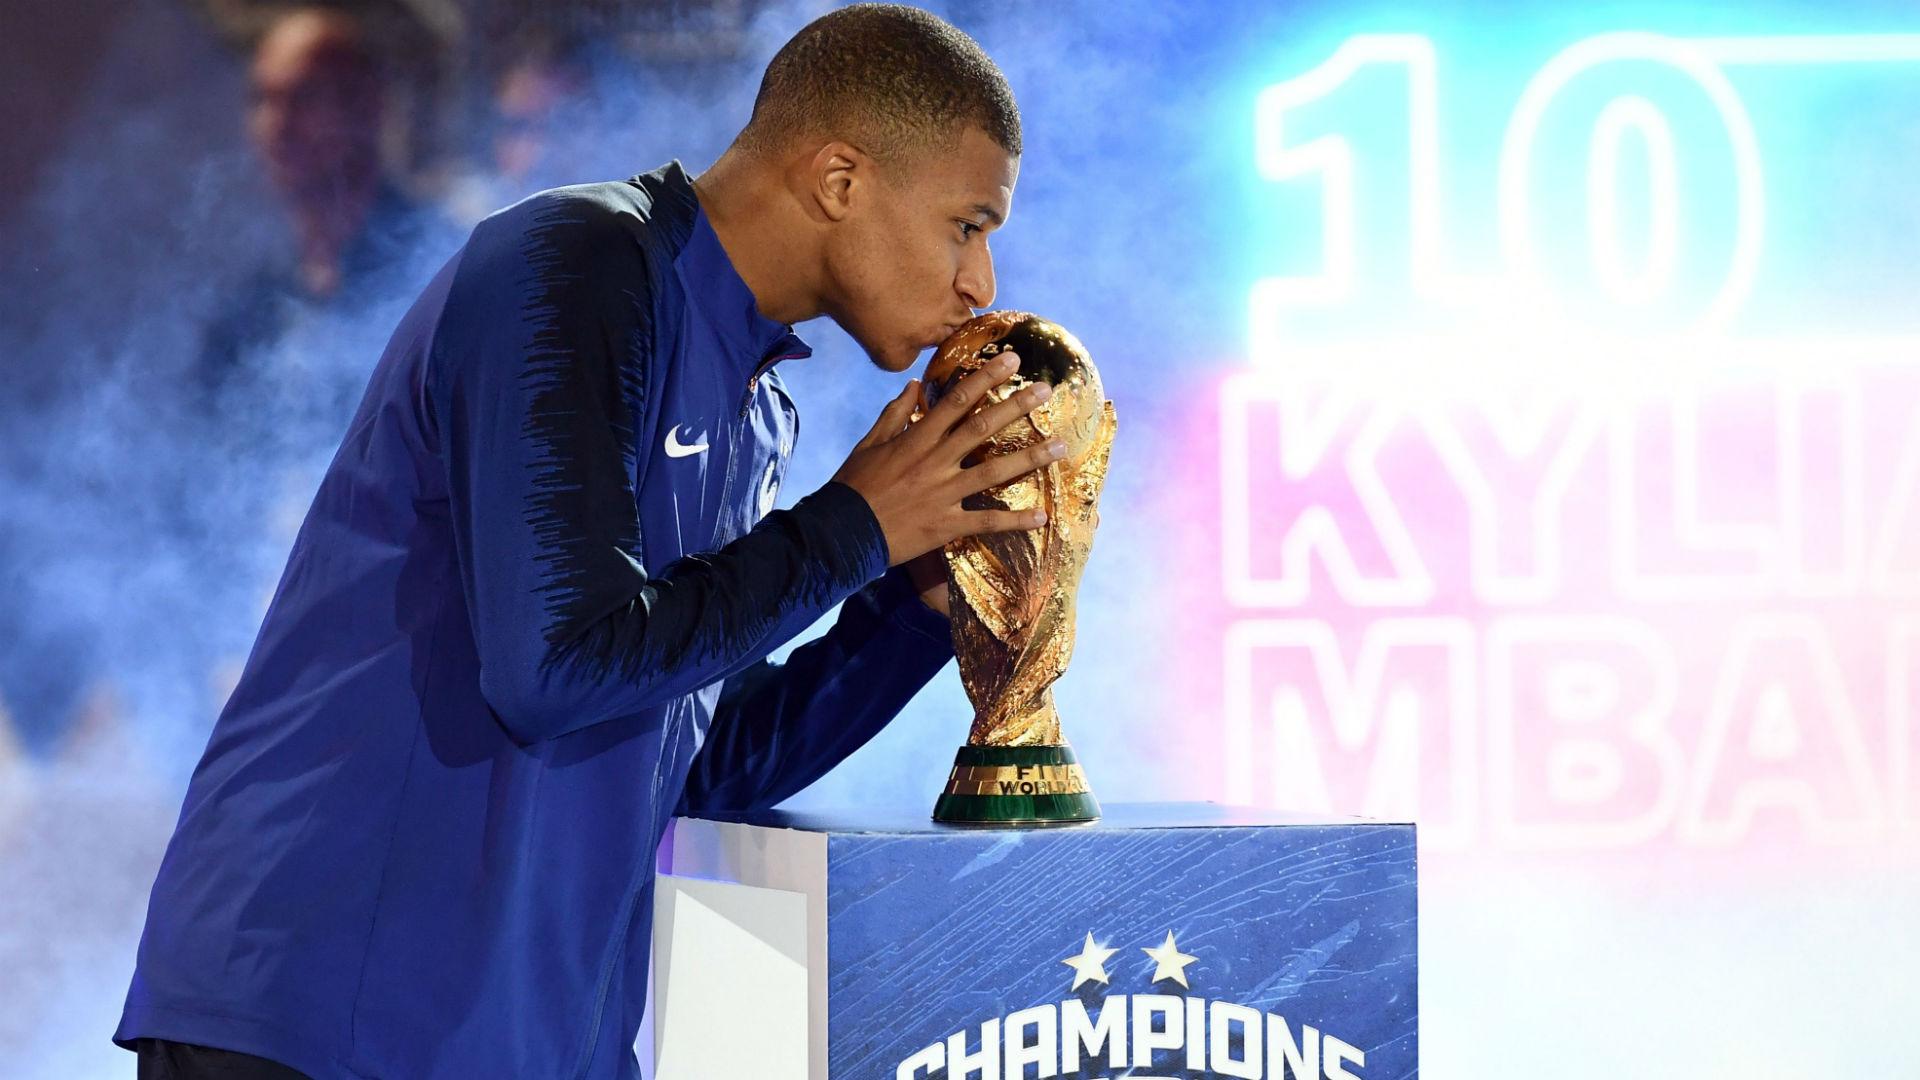 Kylian Mbappe France celebrations